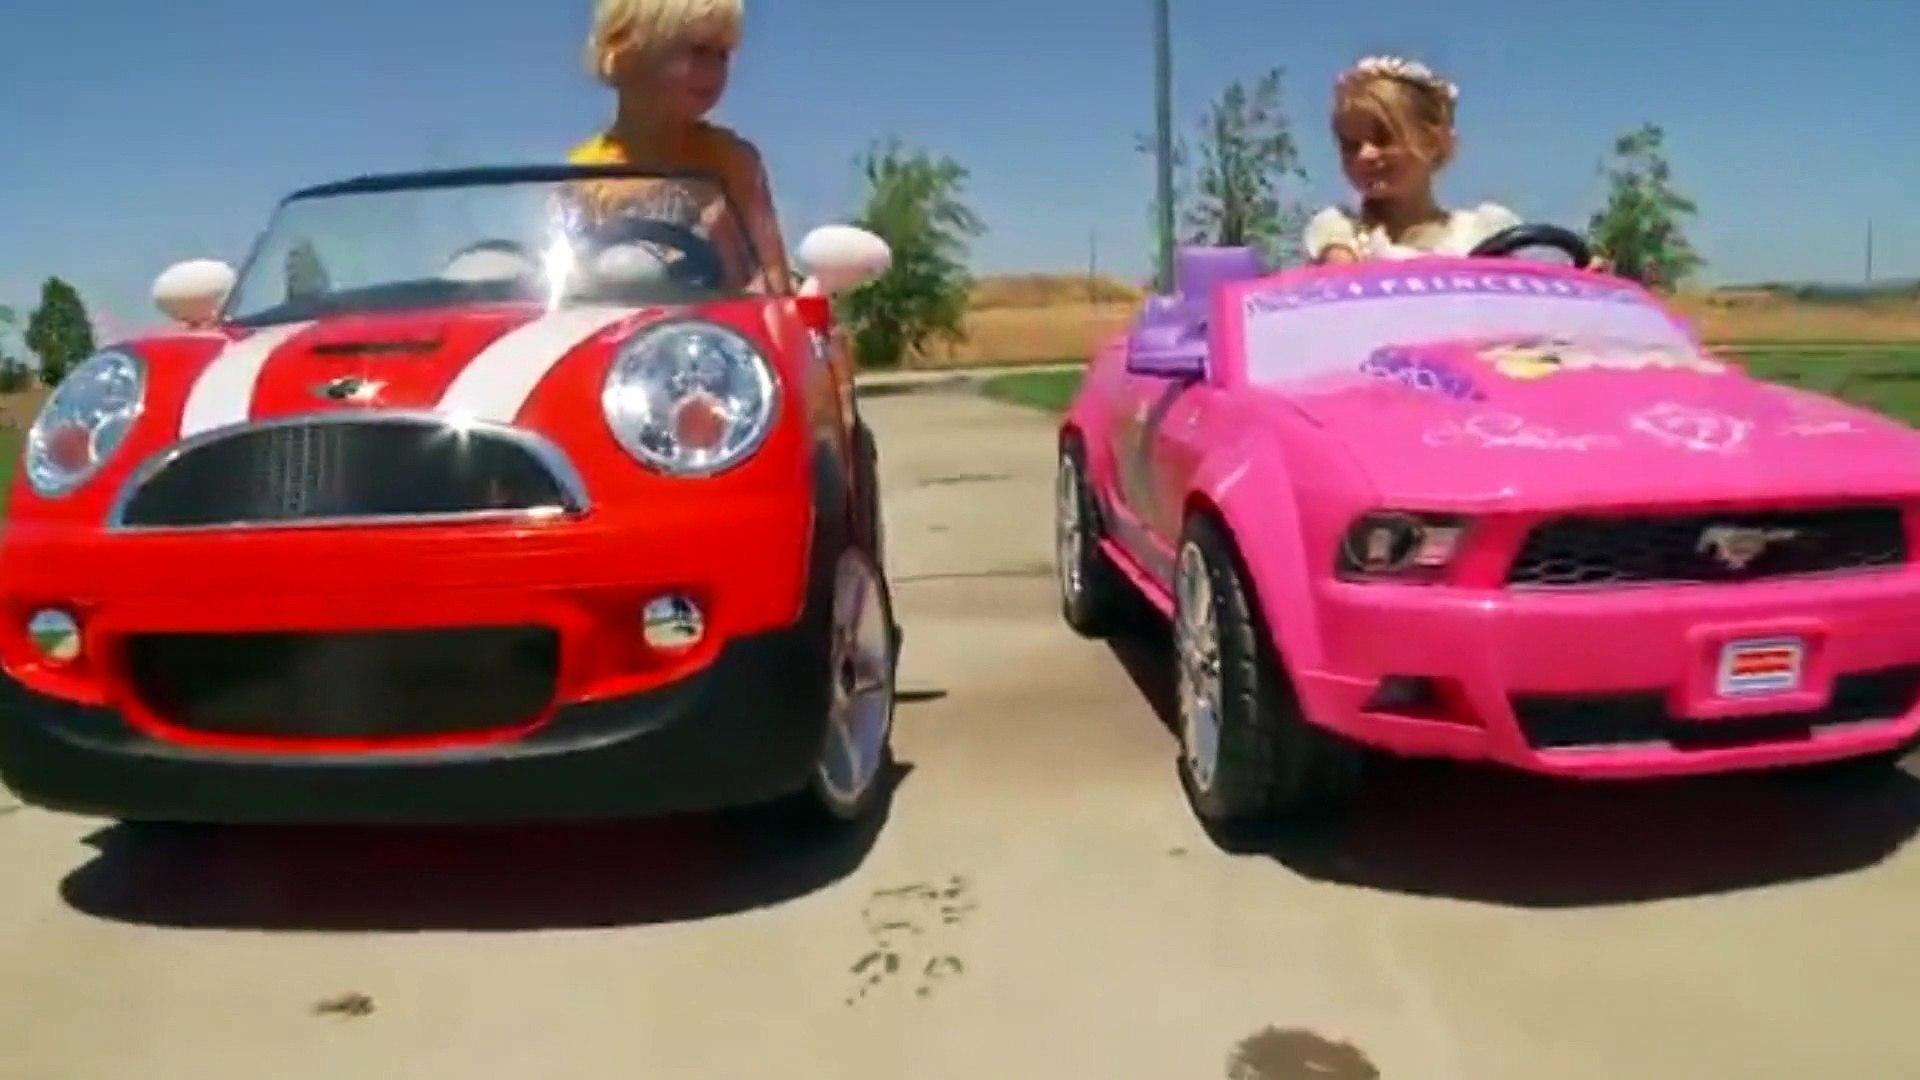 صاعقة يطلب قارن أطفال يلعبون بالسيارات Centhini Resort Com